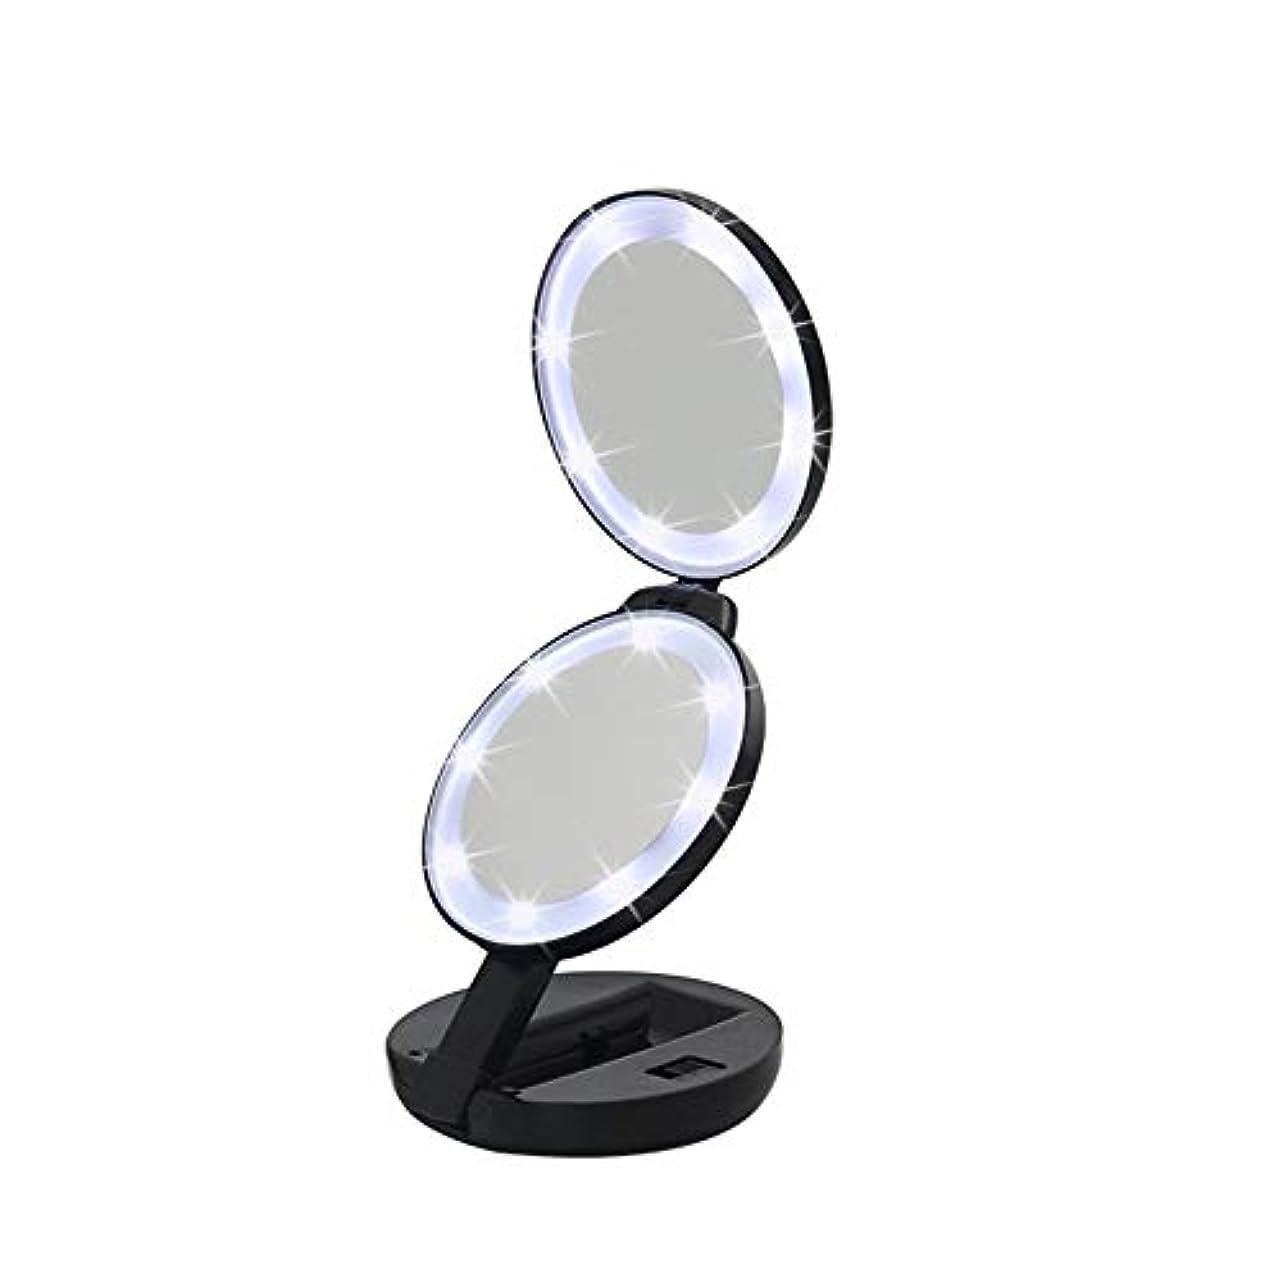 守る土地キリマンジャロ流行の 新しいラウンド三つ折りLEDフィルライト化粧鏡ABS素材虫眼鏡ハンドヘルド美容ミラーブラック